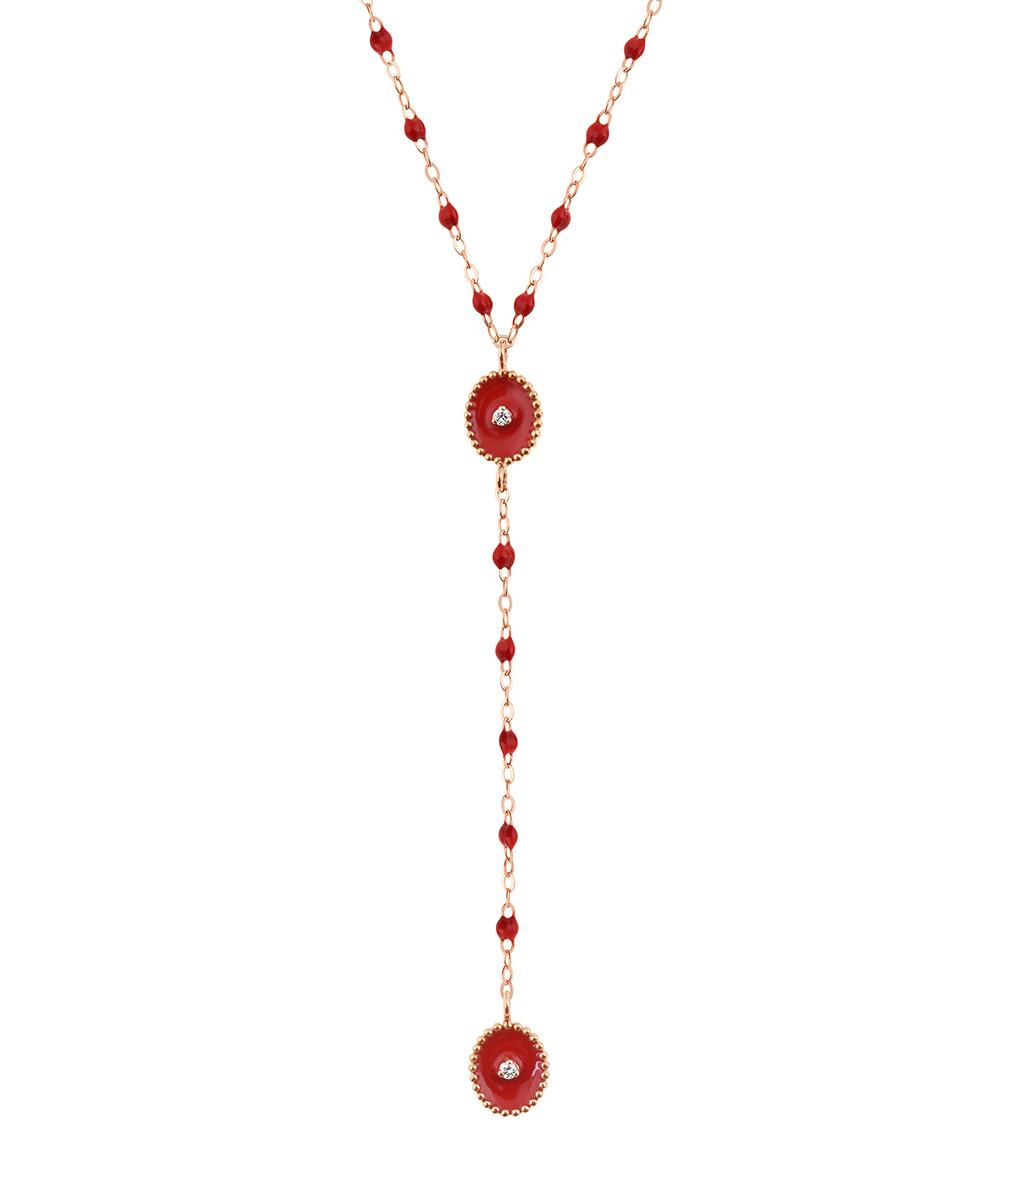 GIGI CLOZEAU - Collier Étoile du Nord Chapelet Perles Résine Or Diamants